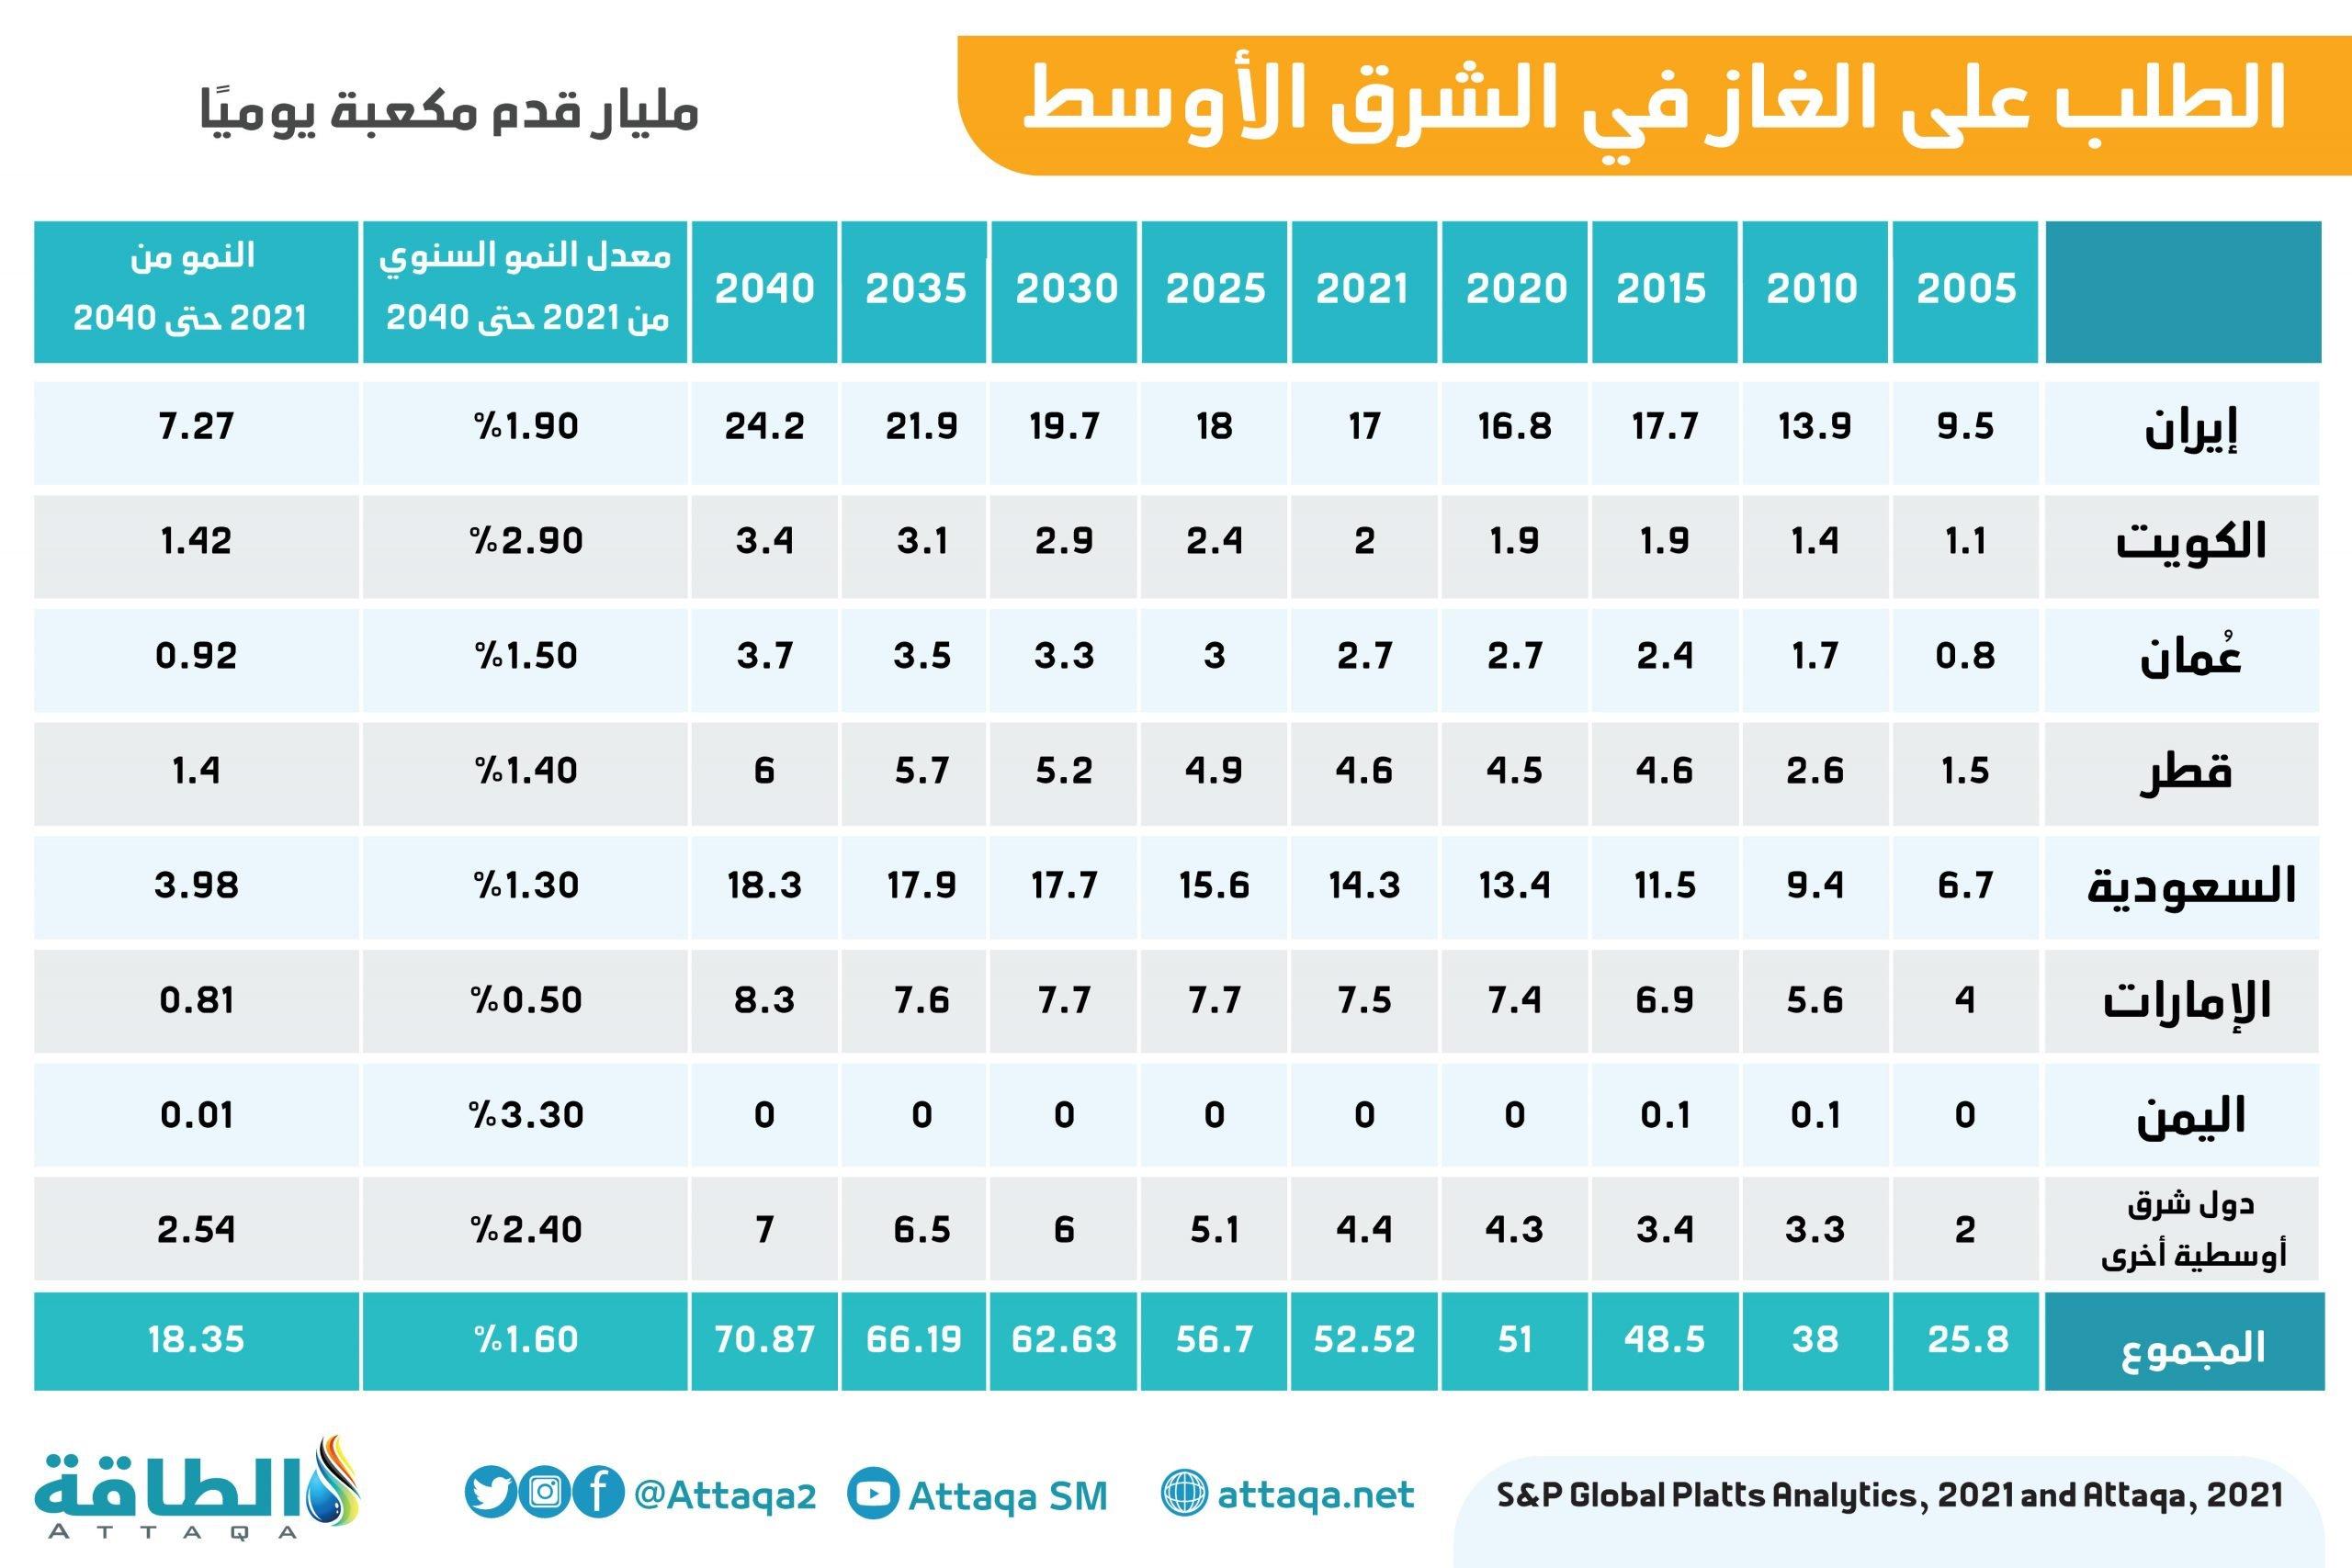 جدول يبين الطلب على الغاز في دول الشرق الأوسط